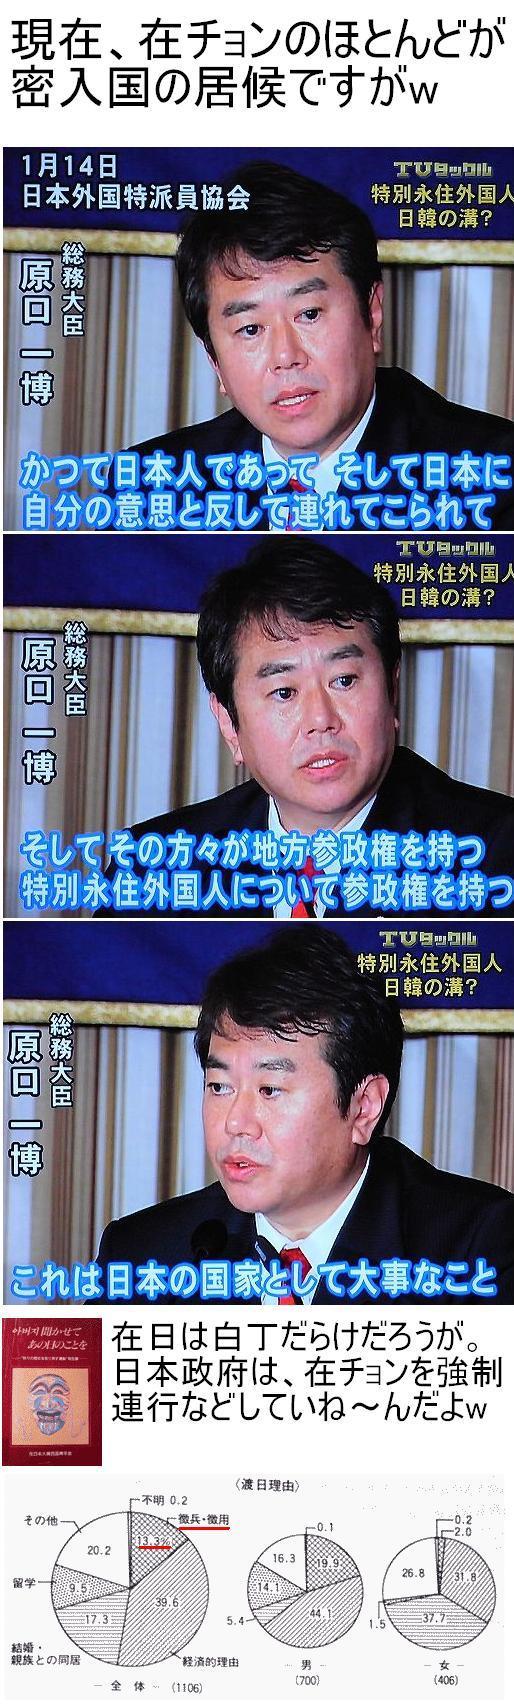 bakachonharaguchilekishikanw1.jpg